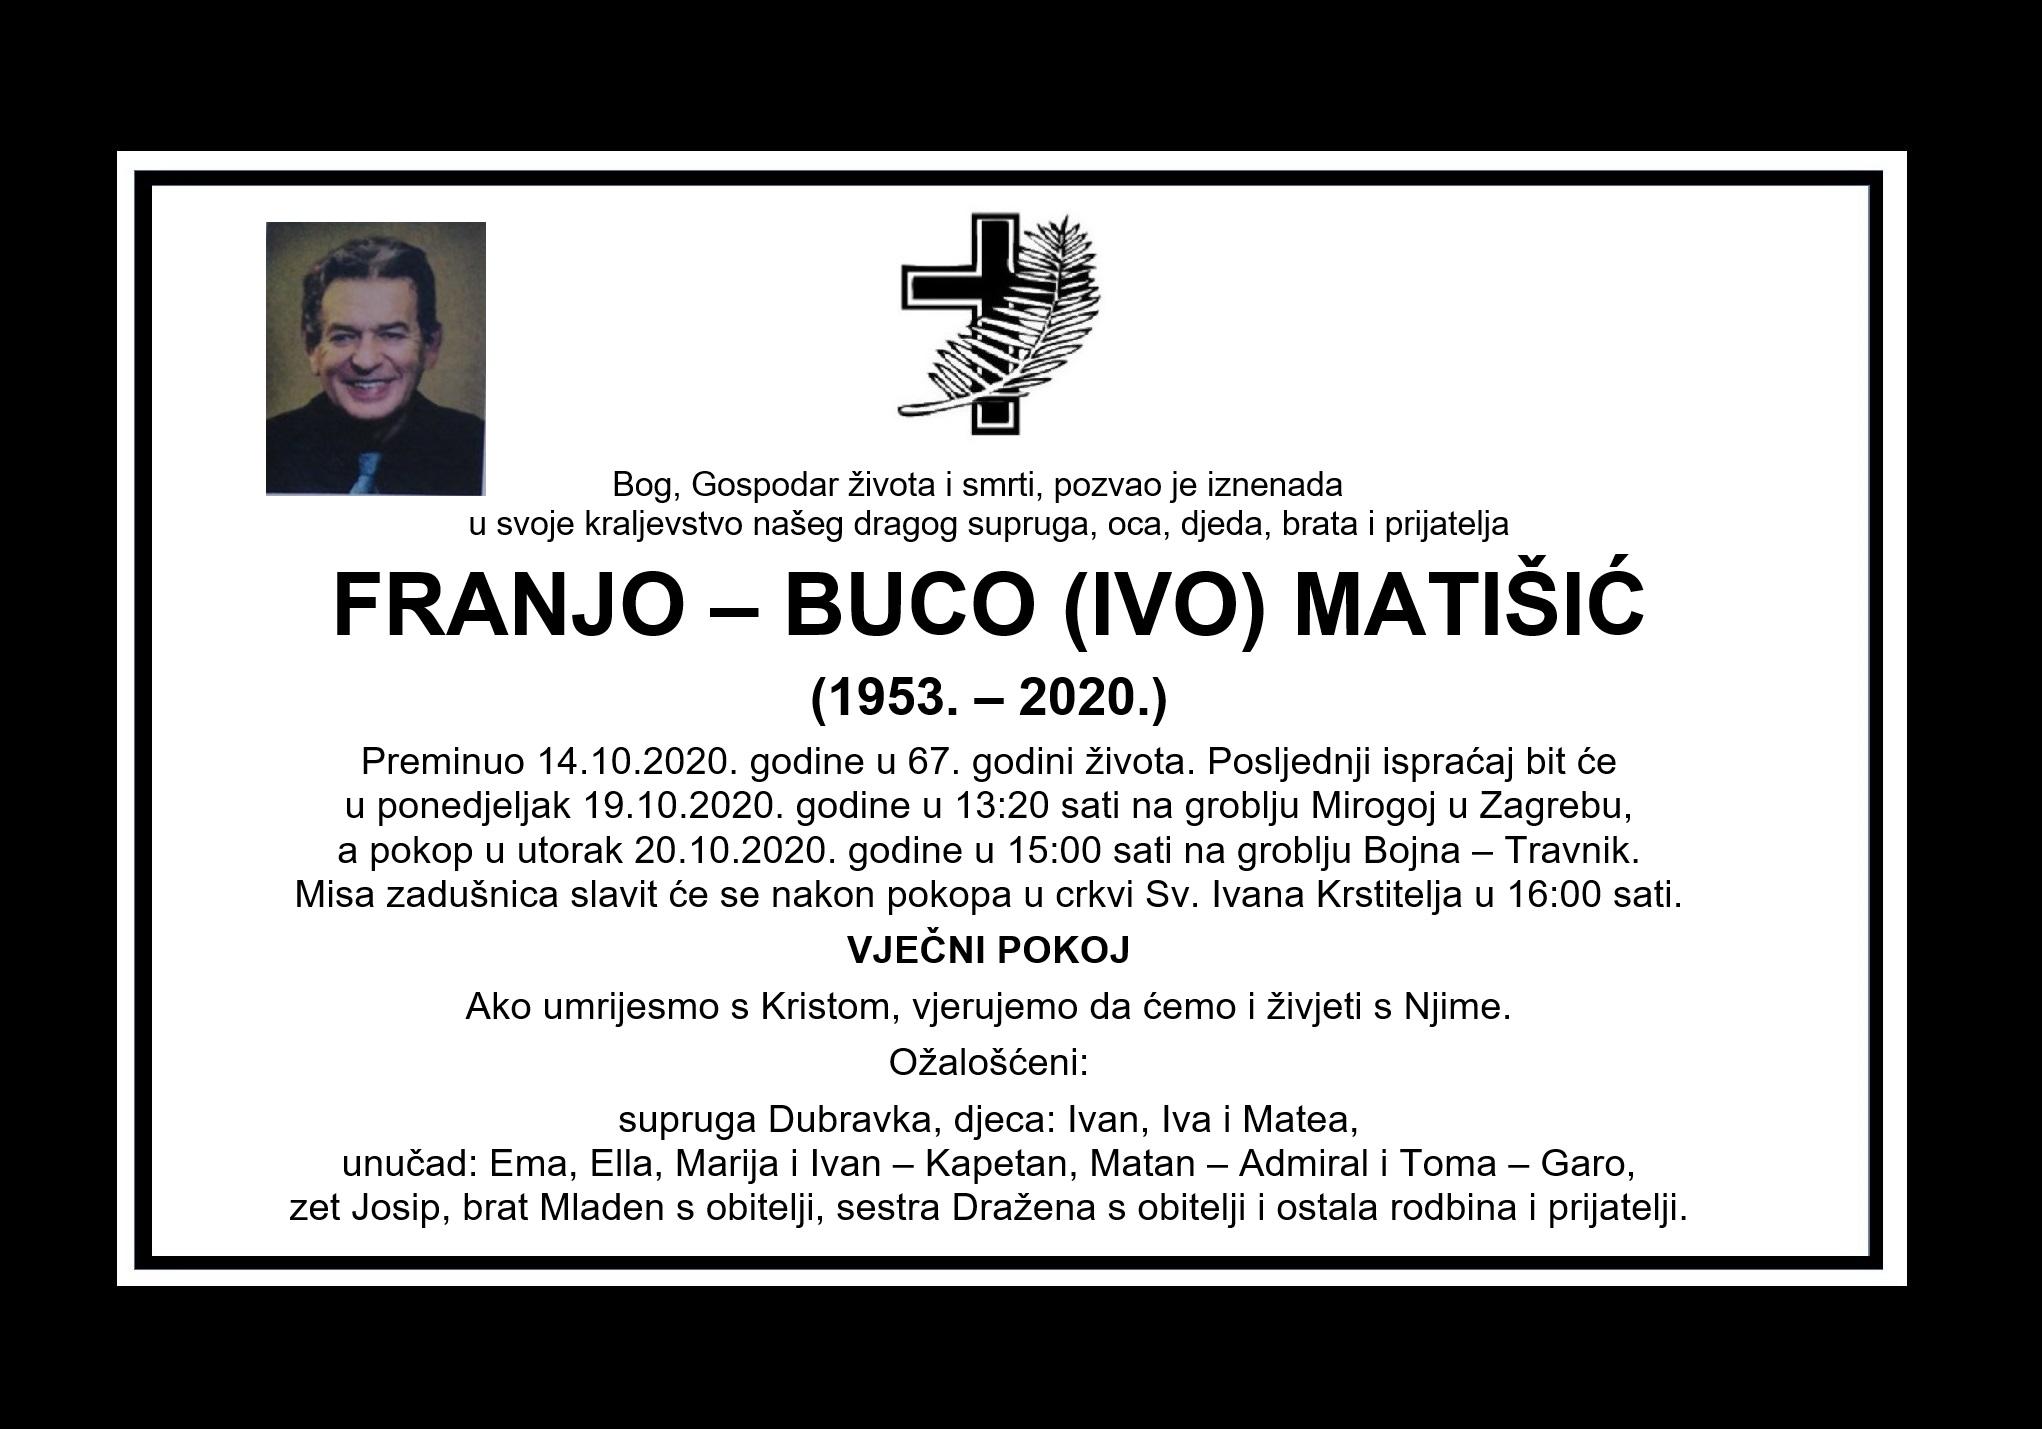 Franjo – Buco (Ivo) Matišić